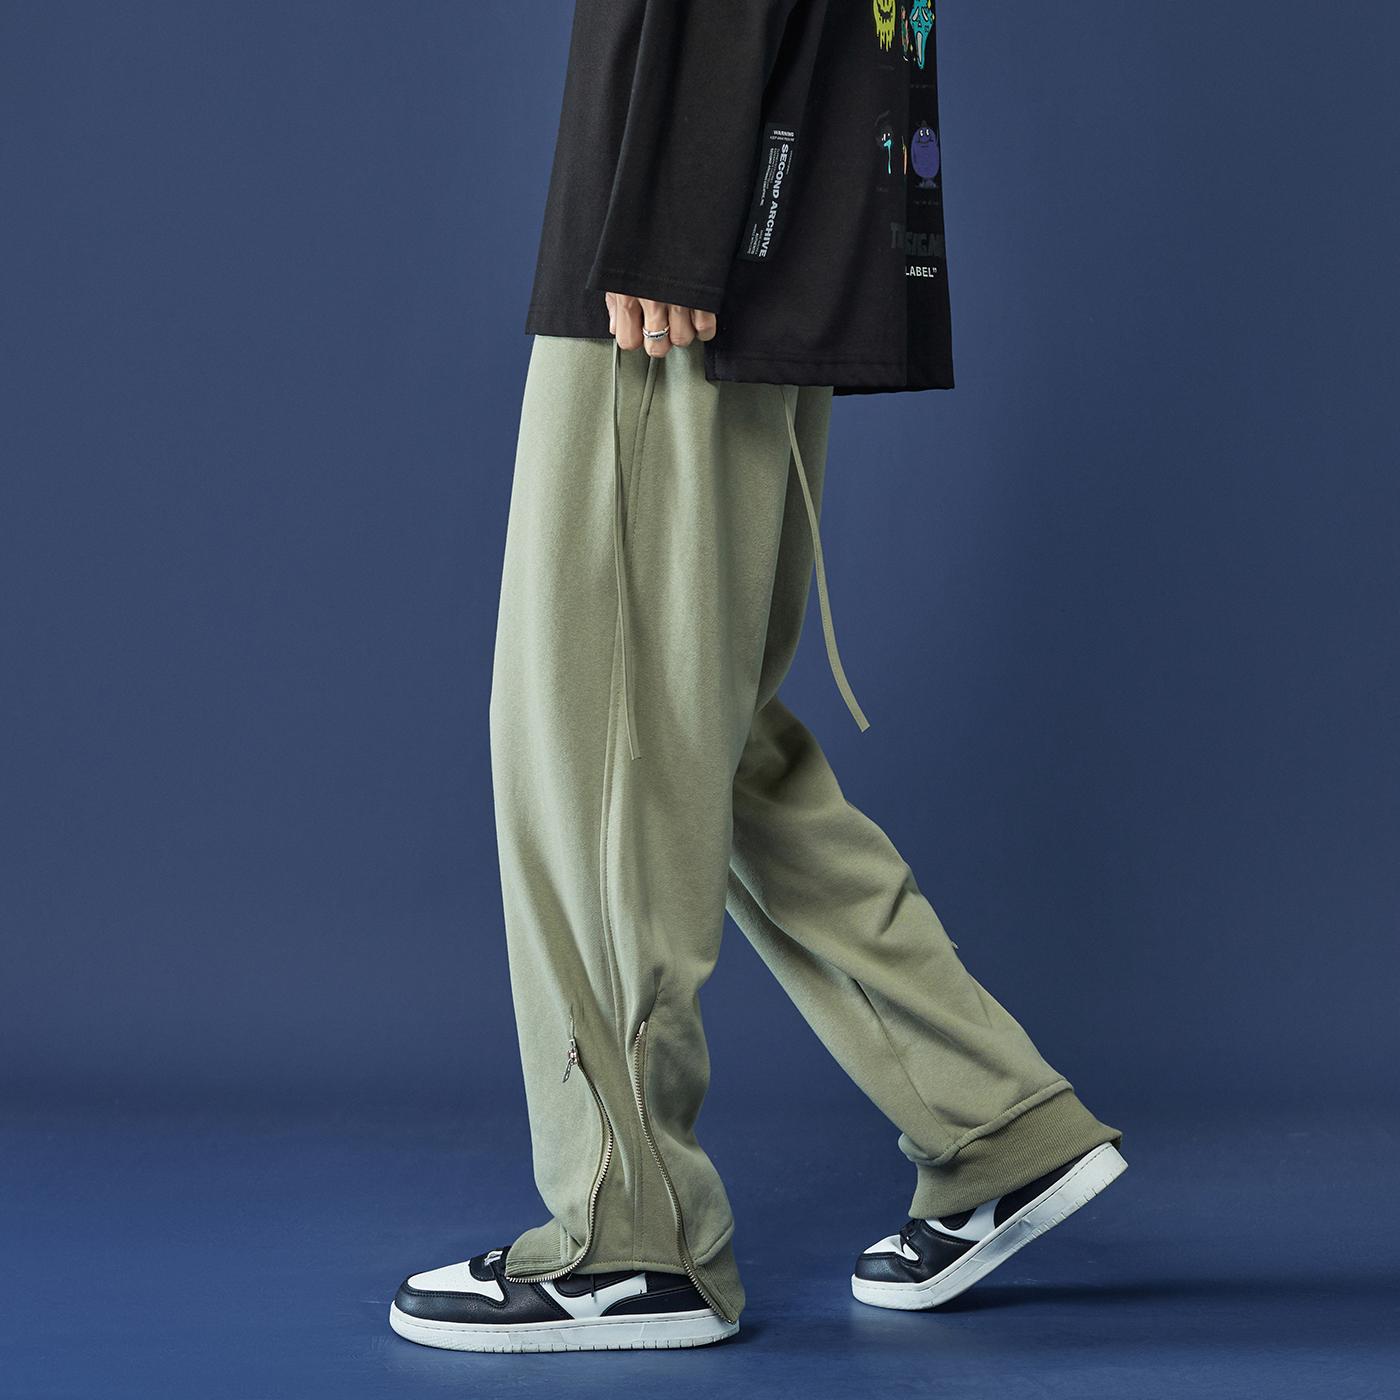 新款港风男女潮流拉链设计束脚卫裤休闲运动裤篮球裤 K28-P50